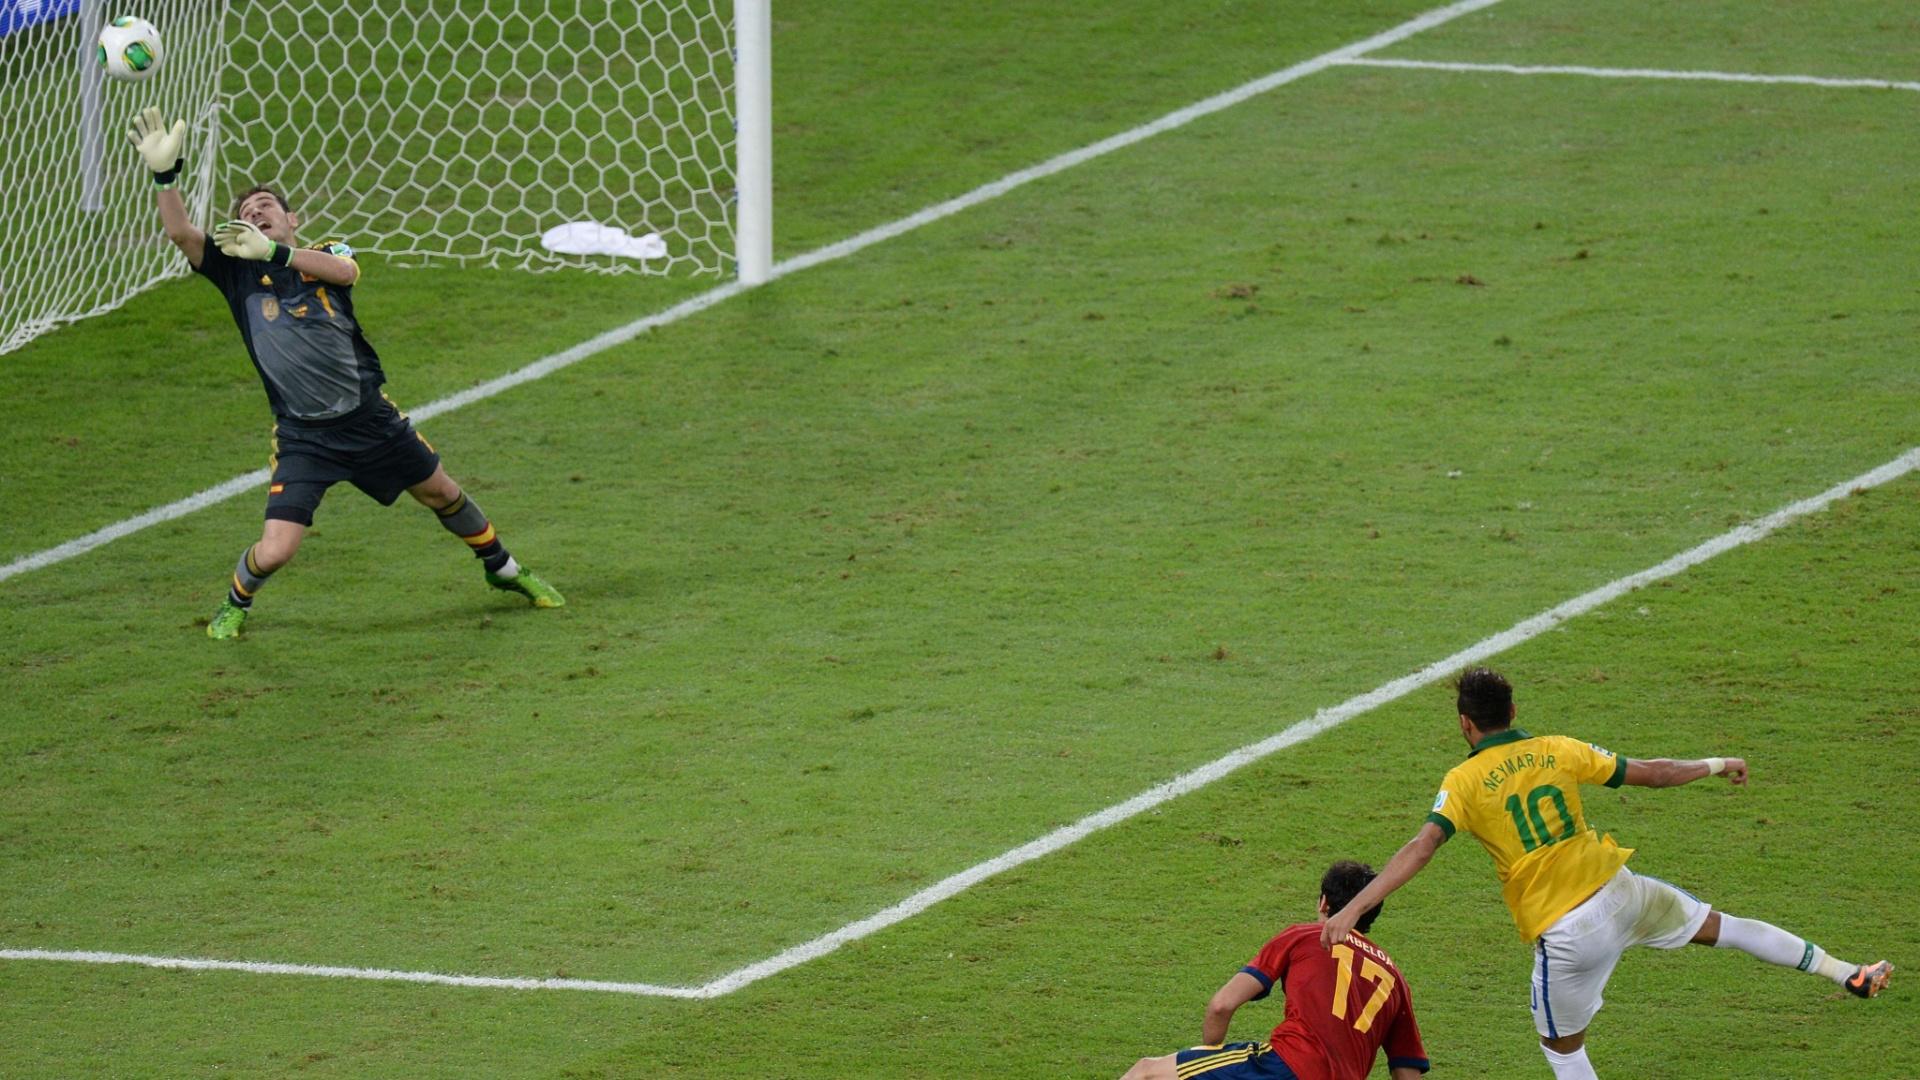 30.jun.2013 - Neymar dispara um chutaço e faz o segundo gol do Brasil contra a Espanha na final da Copa das Confederações